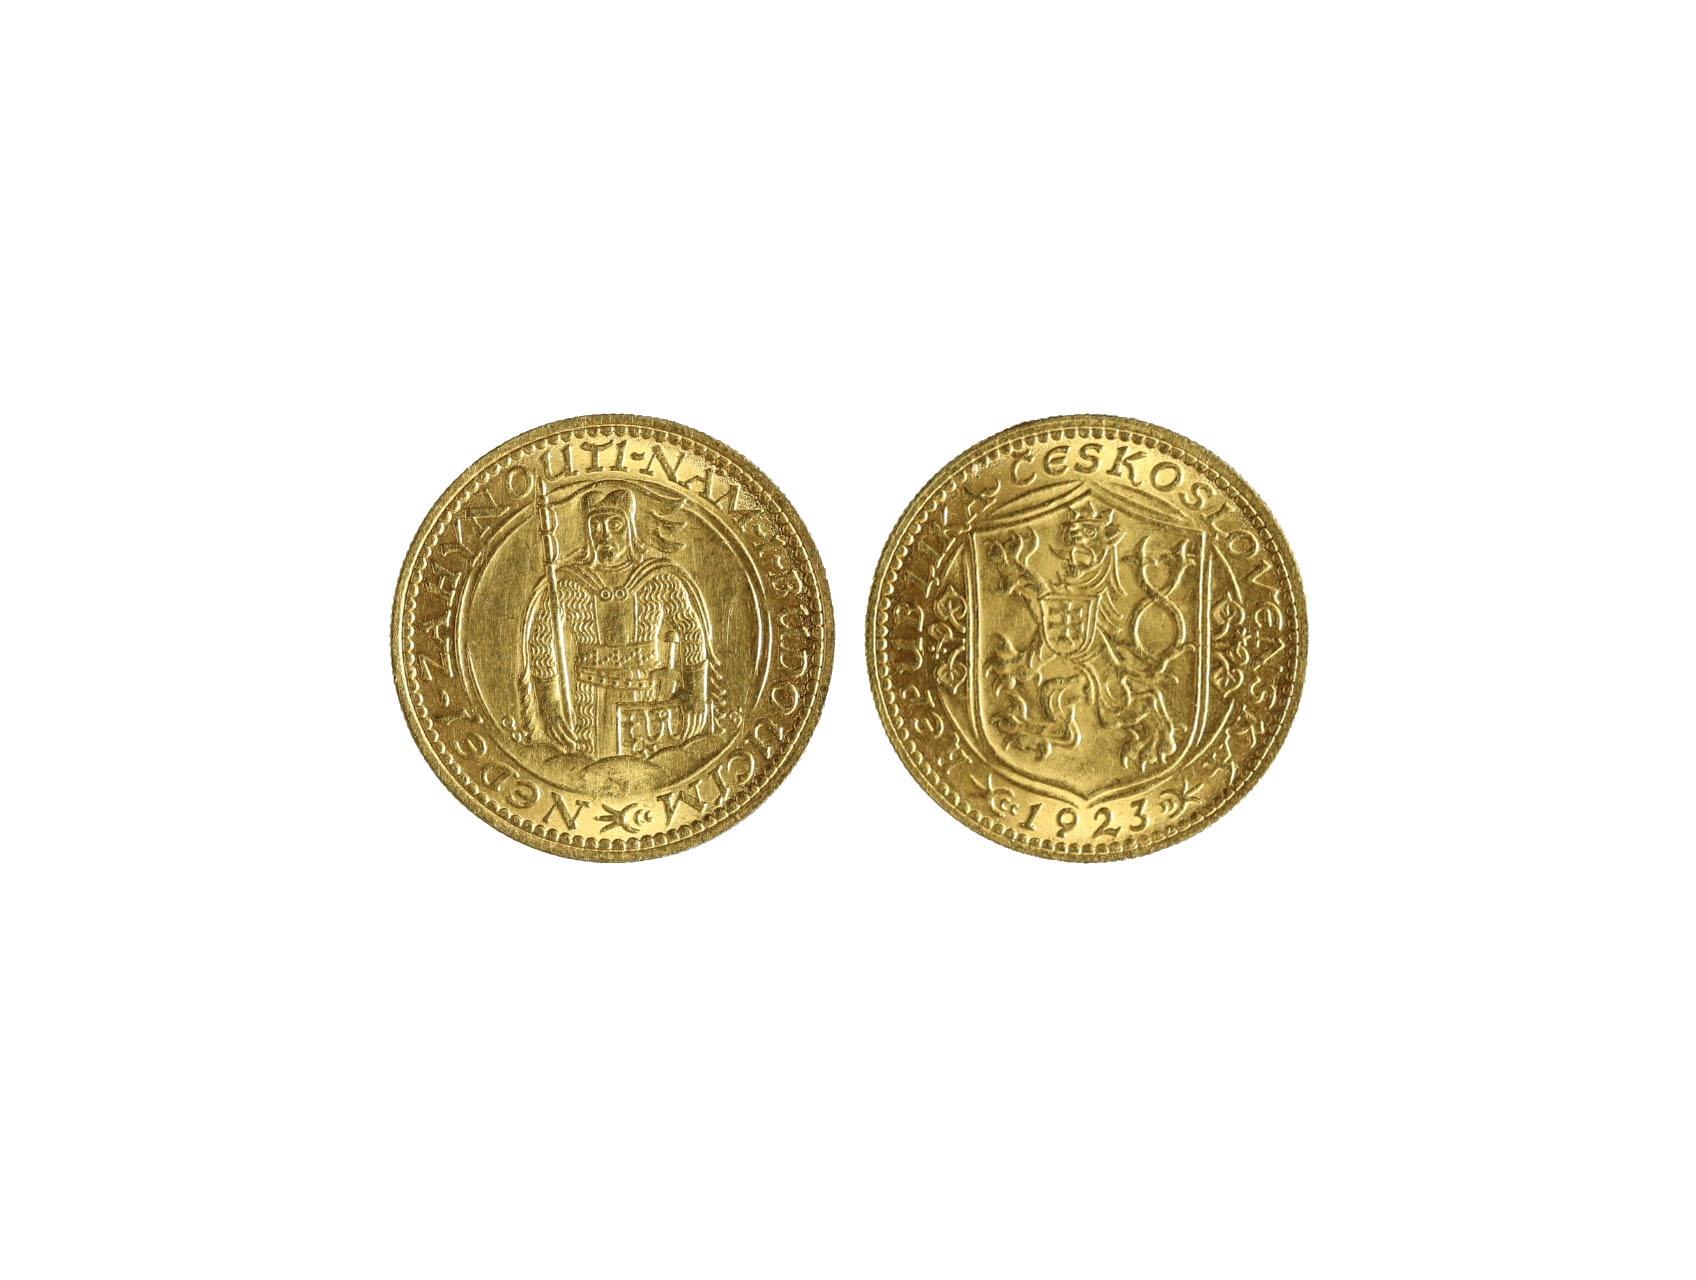 Československo 1918-1939 - Dukát 1923, 3.49g, 986/1000, raženo 61861 ks, N16